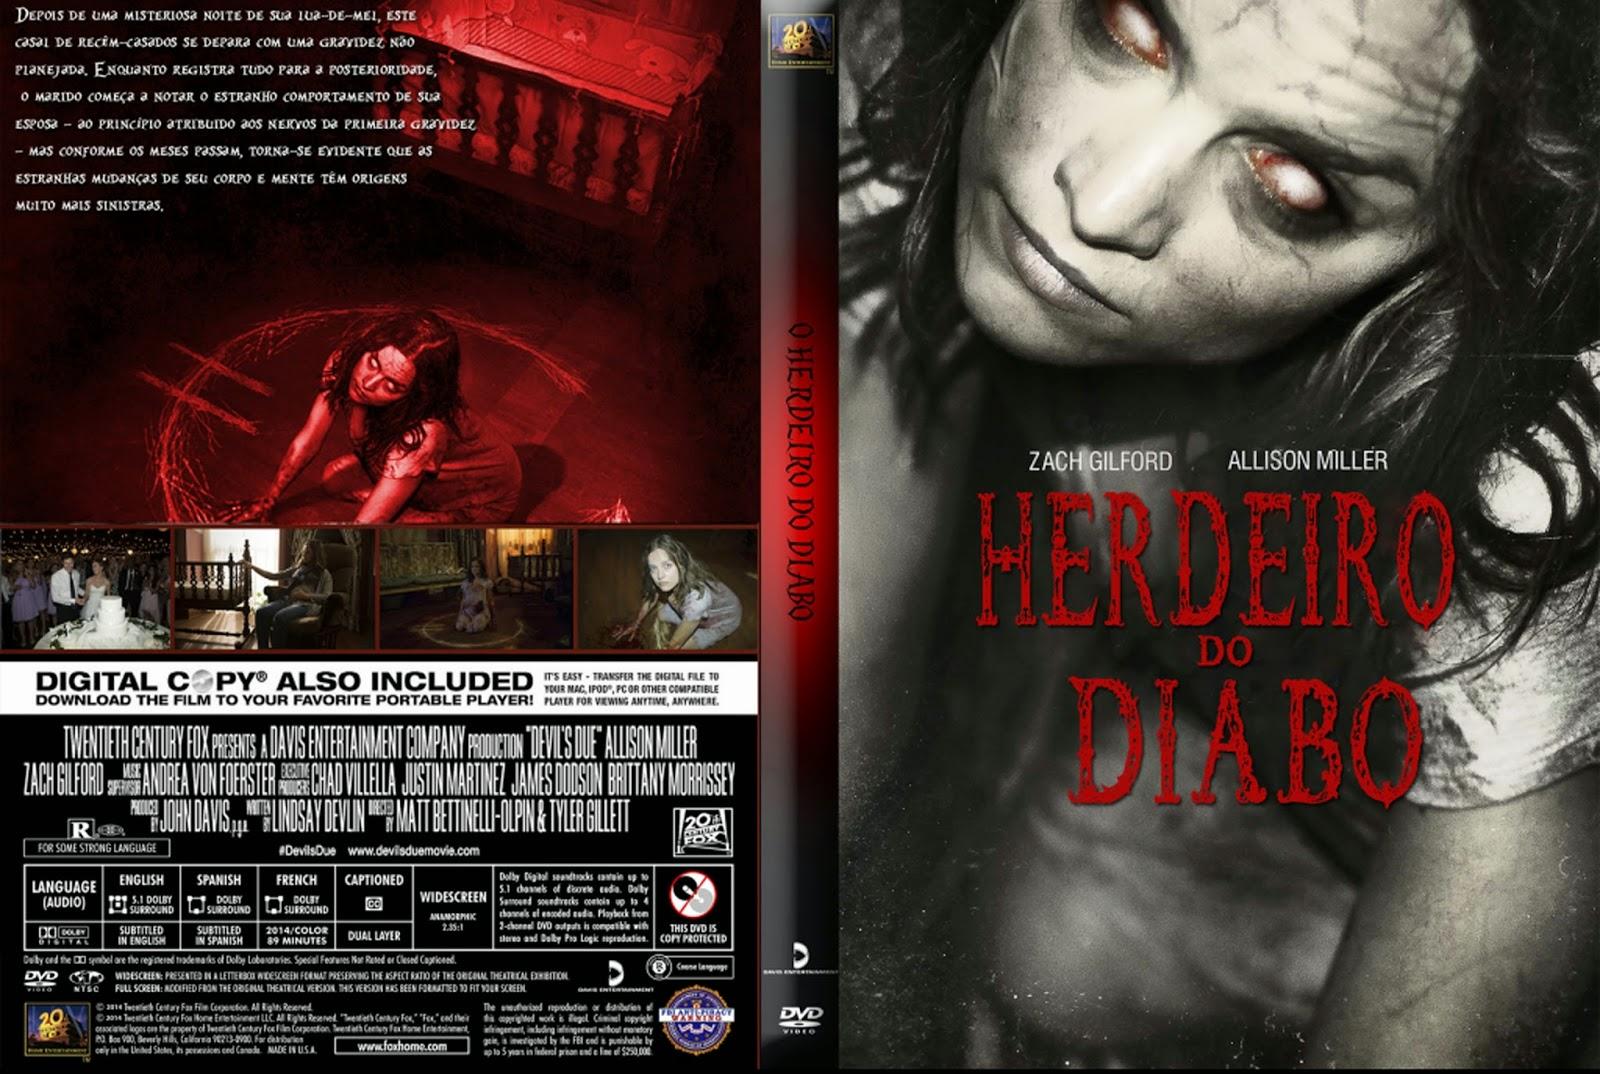 Herdeiro Do Diabo for herdeiro do diabo   capas x filmes